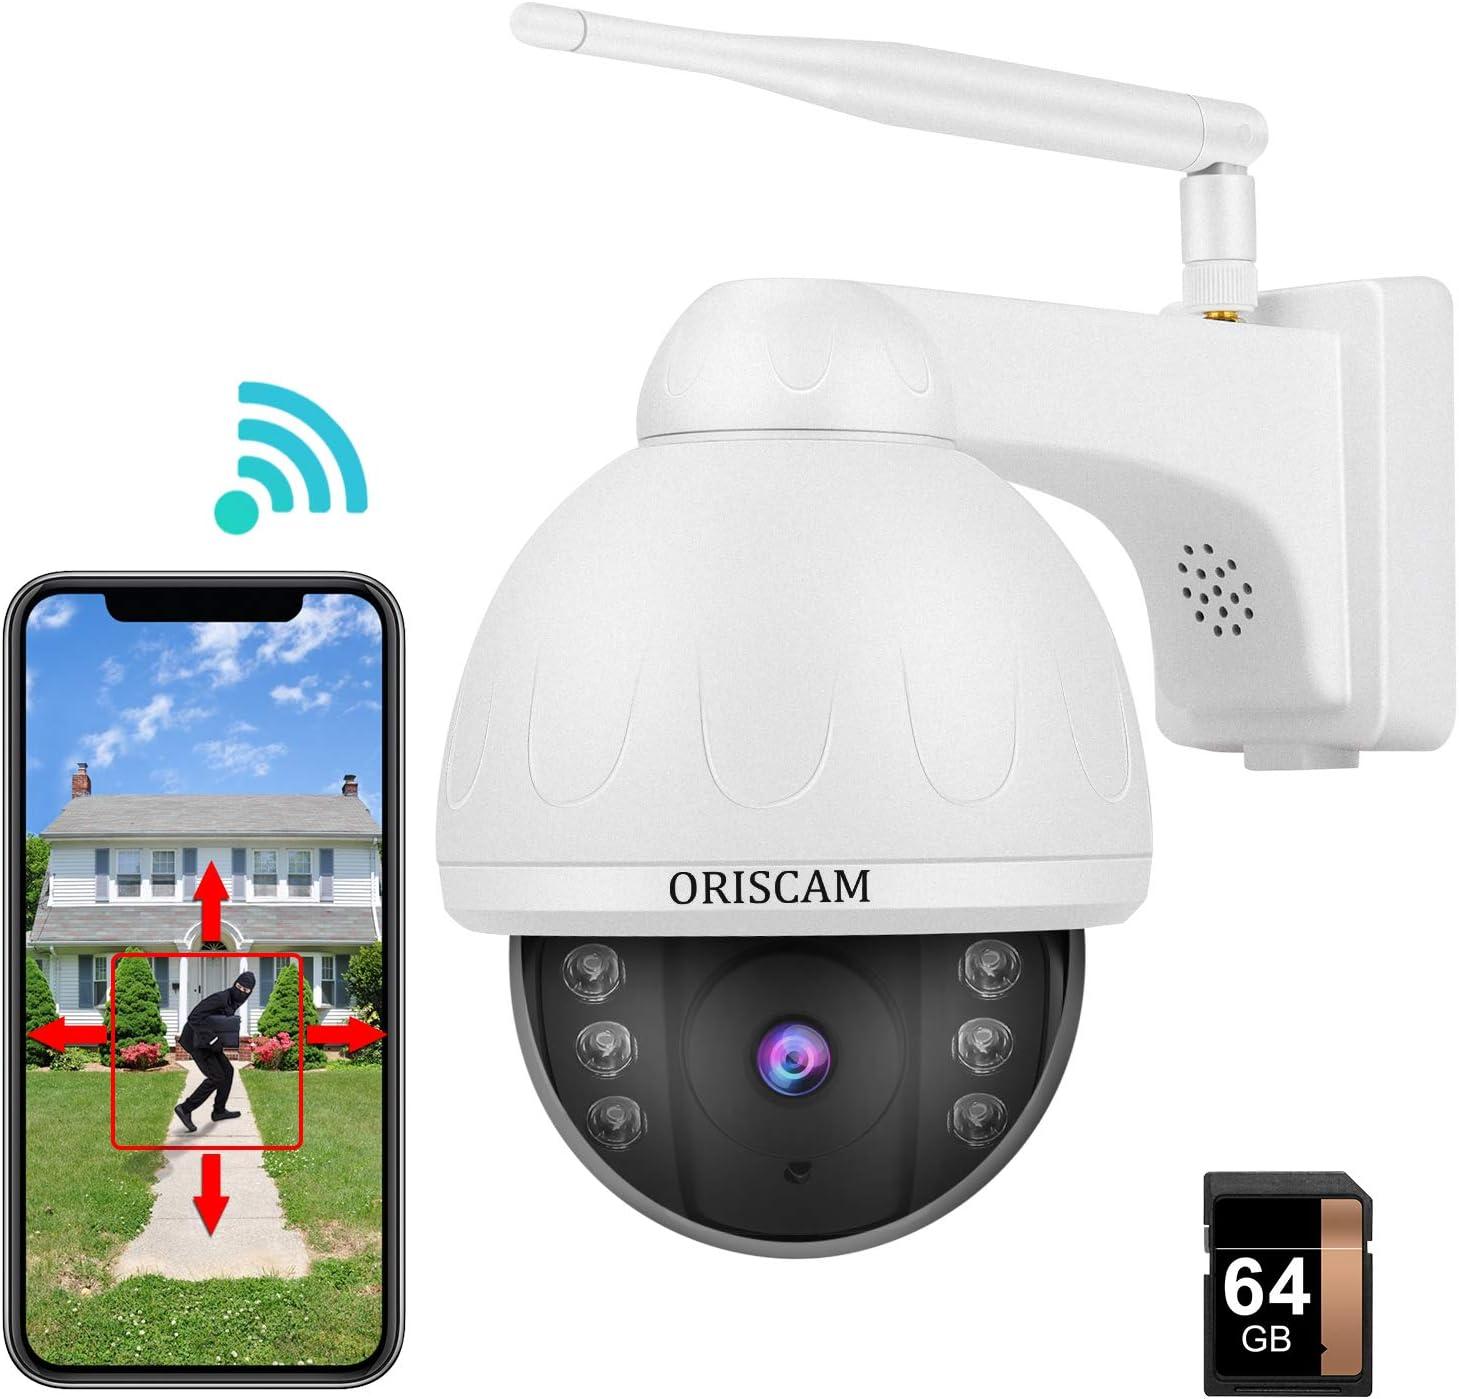 Cámara vigilancia WiFi Exterior, Camaras de vigilancia WiFi 3g/4g 1080P Cámara de Seguridad Resistente al Agua con Visión noturna, Detección y Seguimiento automático, Notificación de Alerta